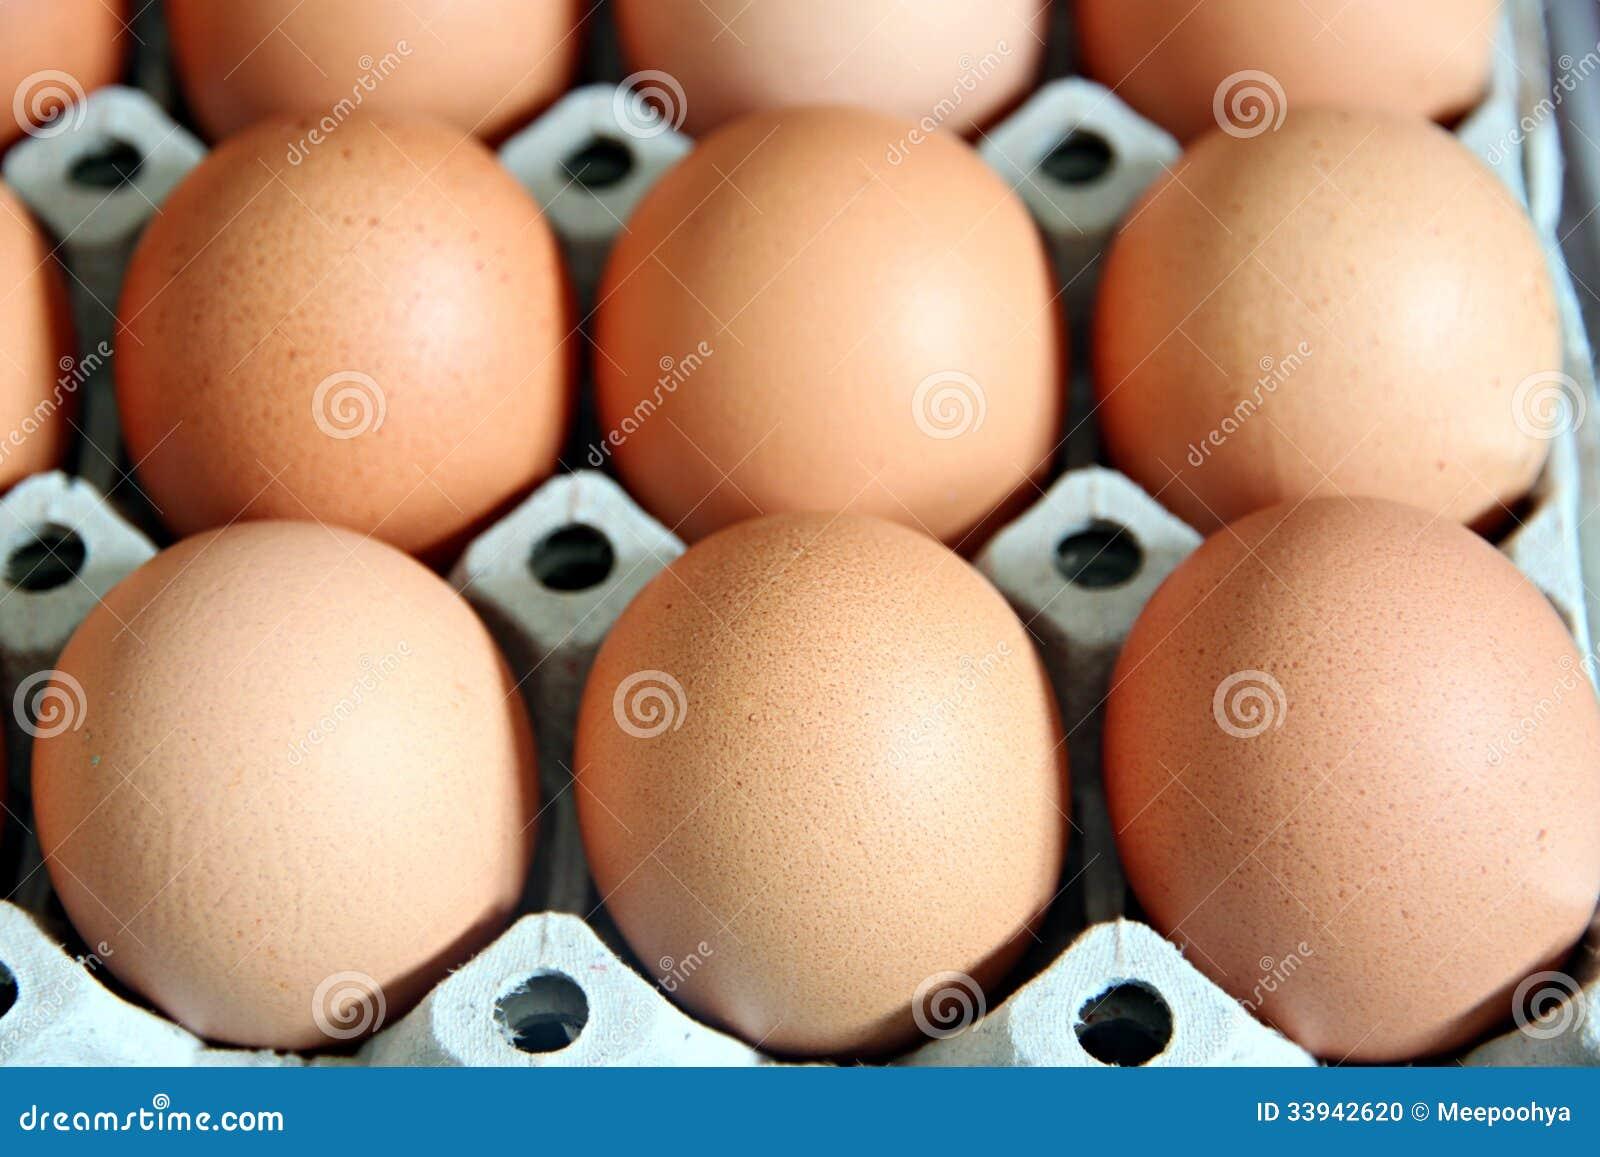 Jajka które są w panelu.